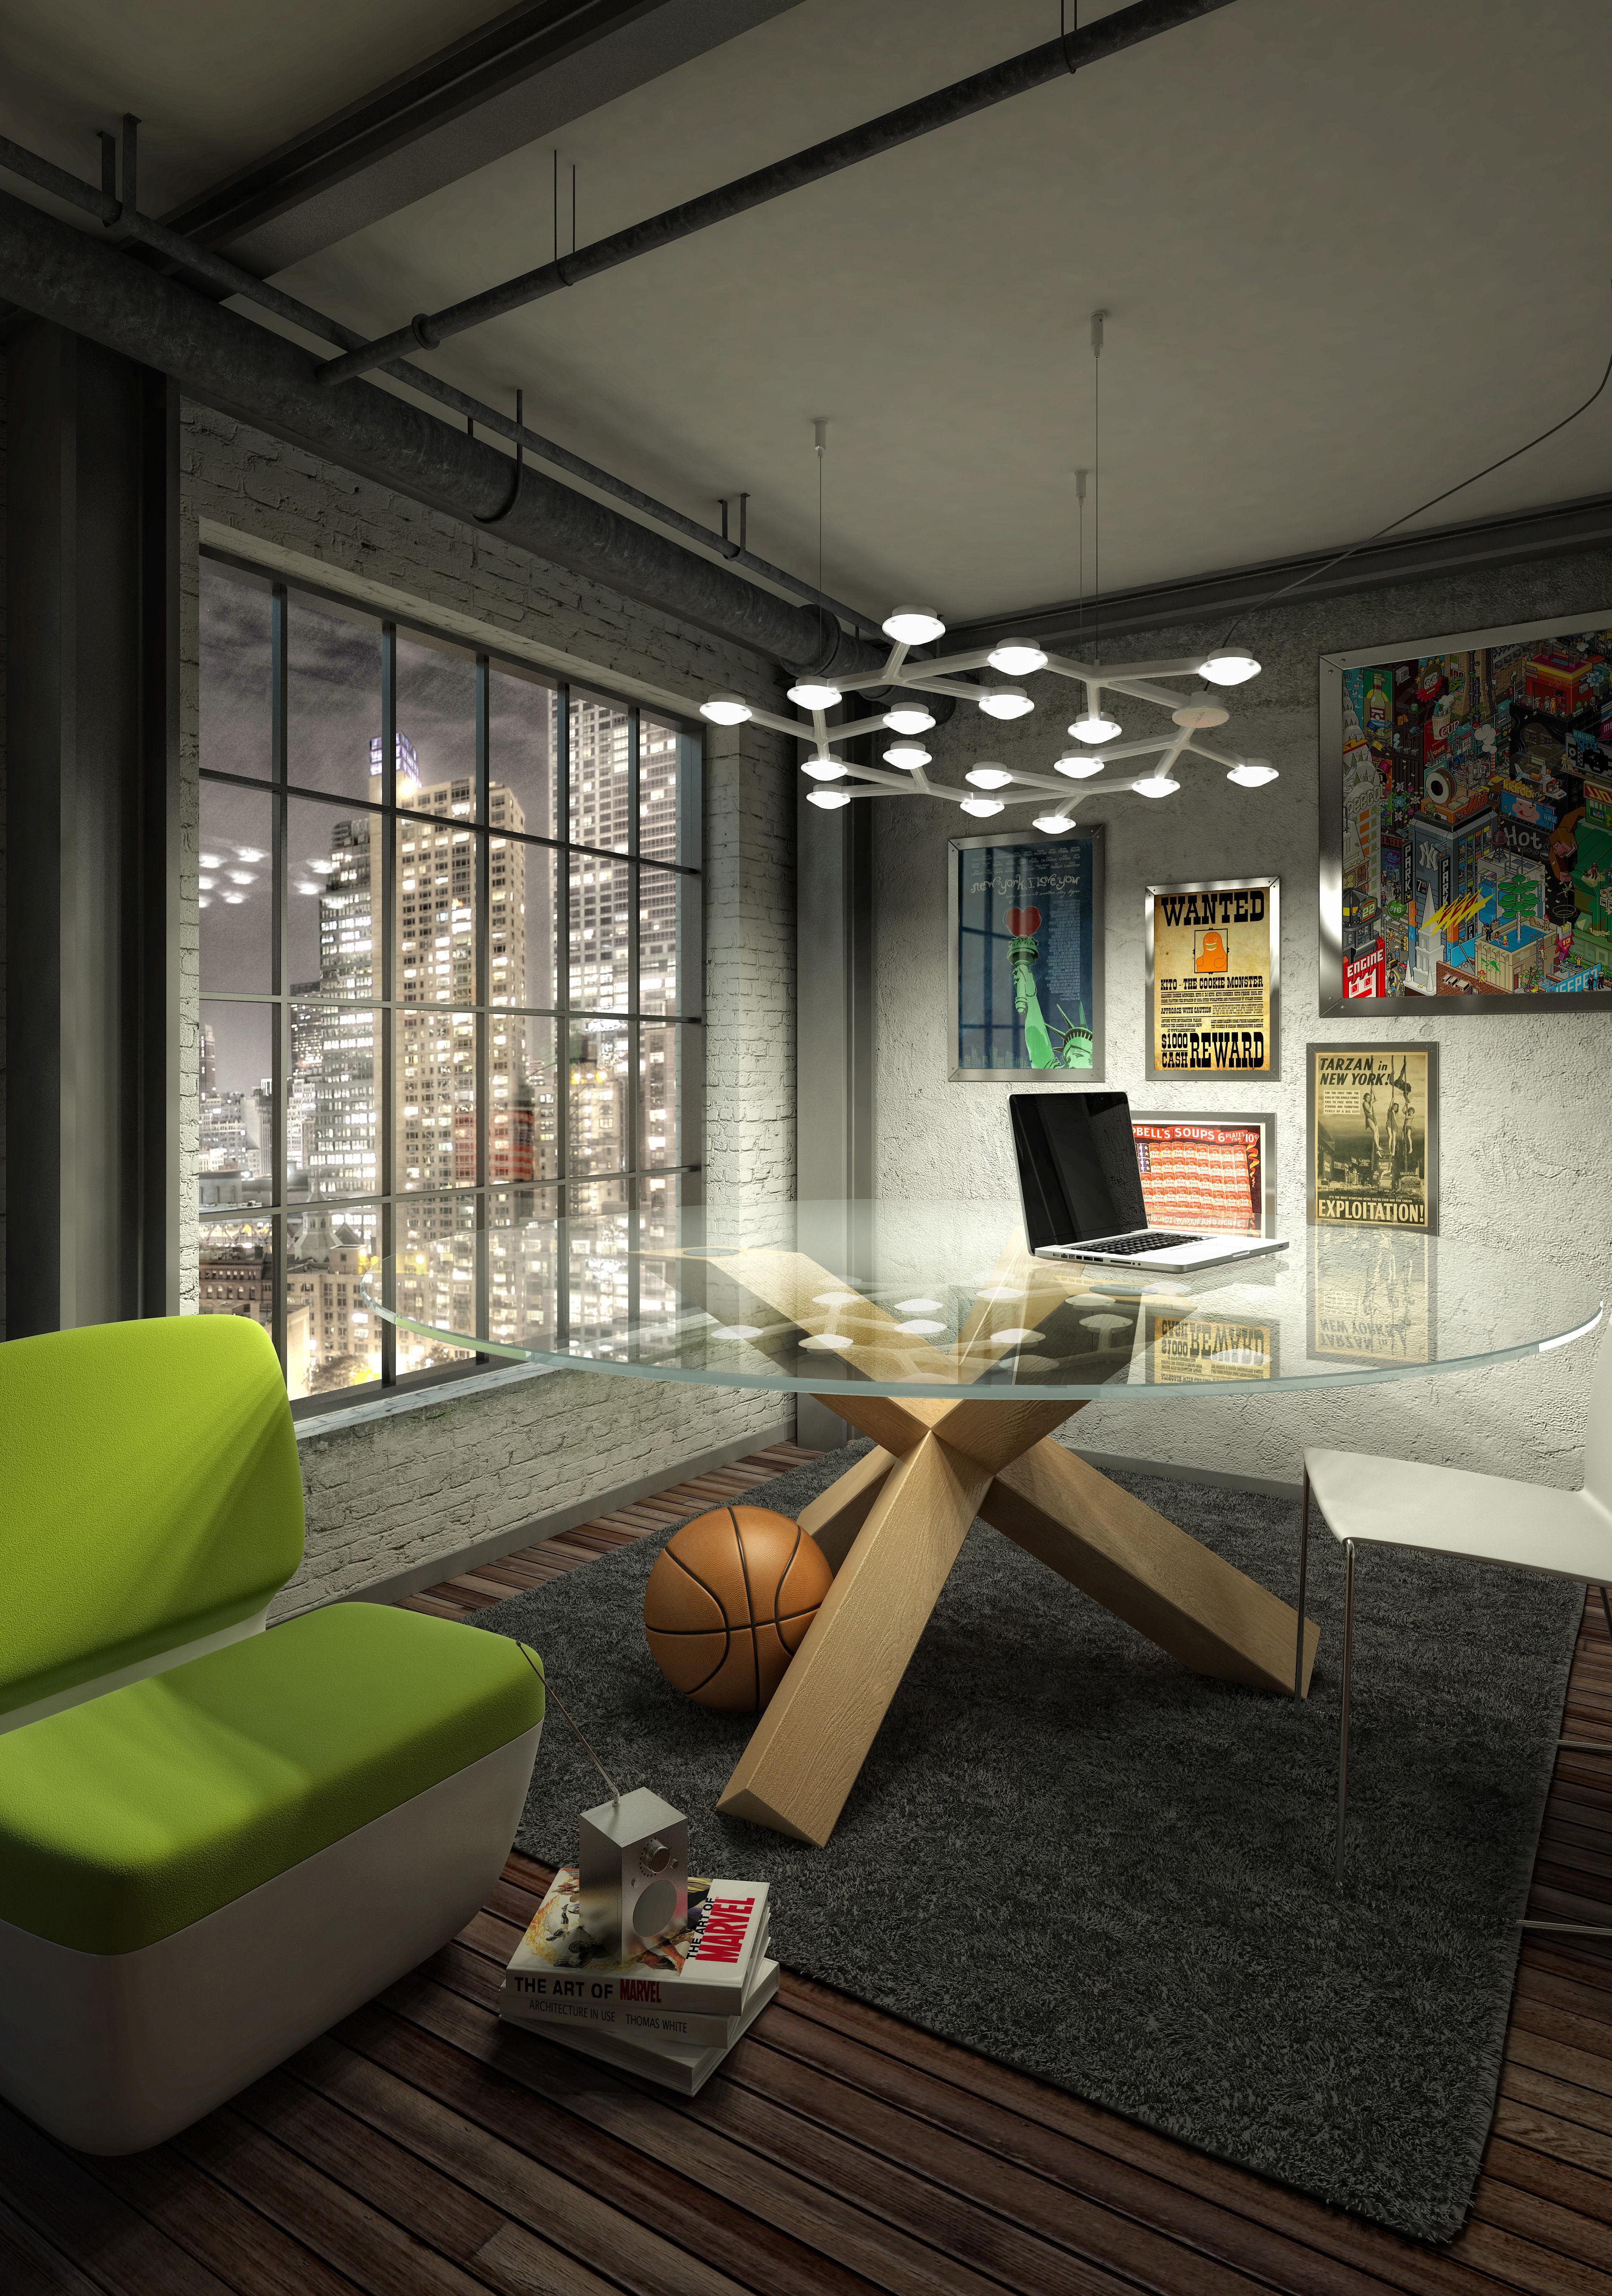 Illuminazione Soggiorno Con Faretti: Illuminazione led casa ...